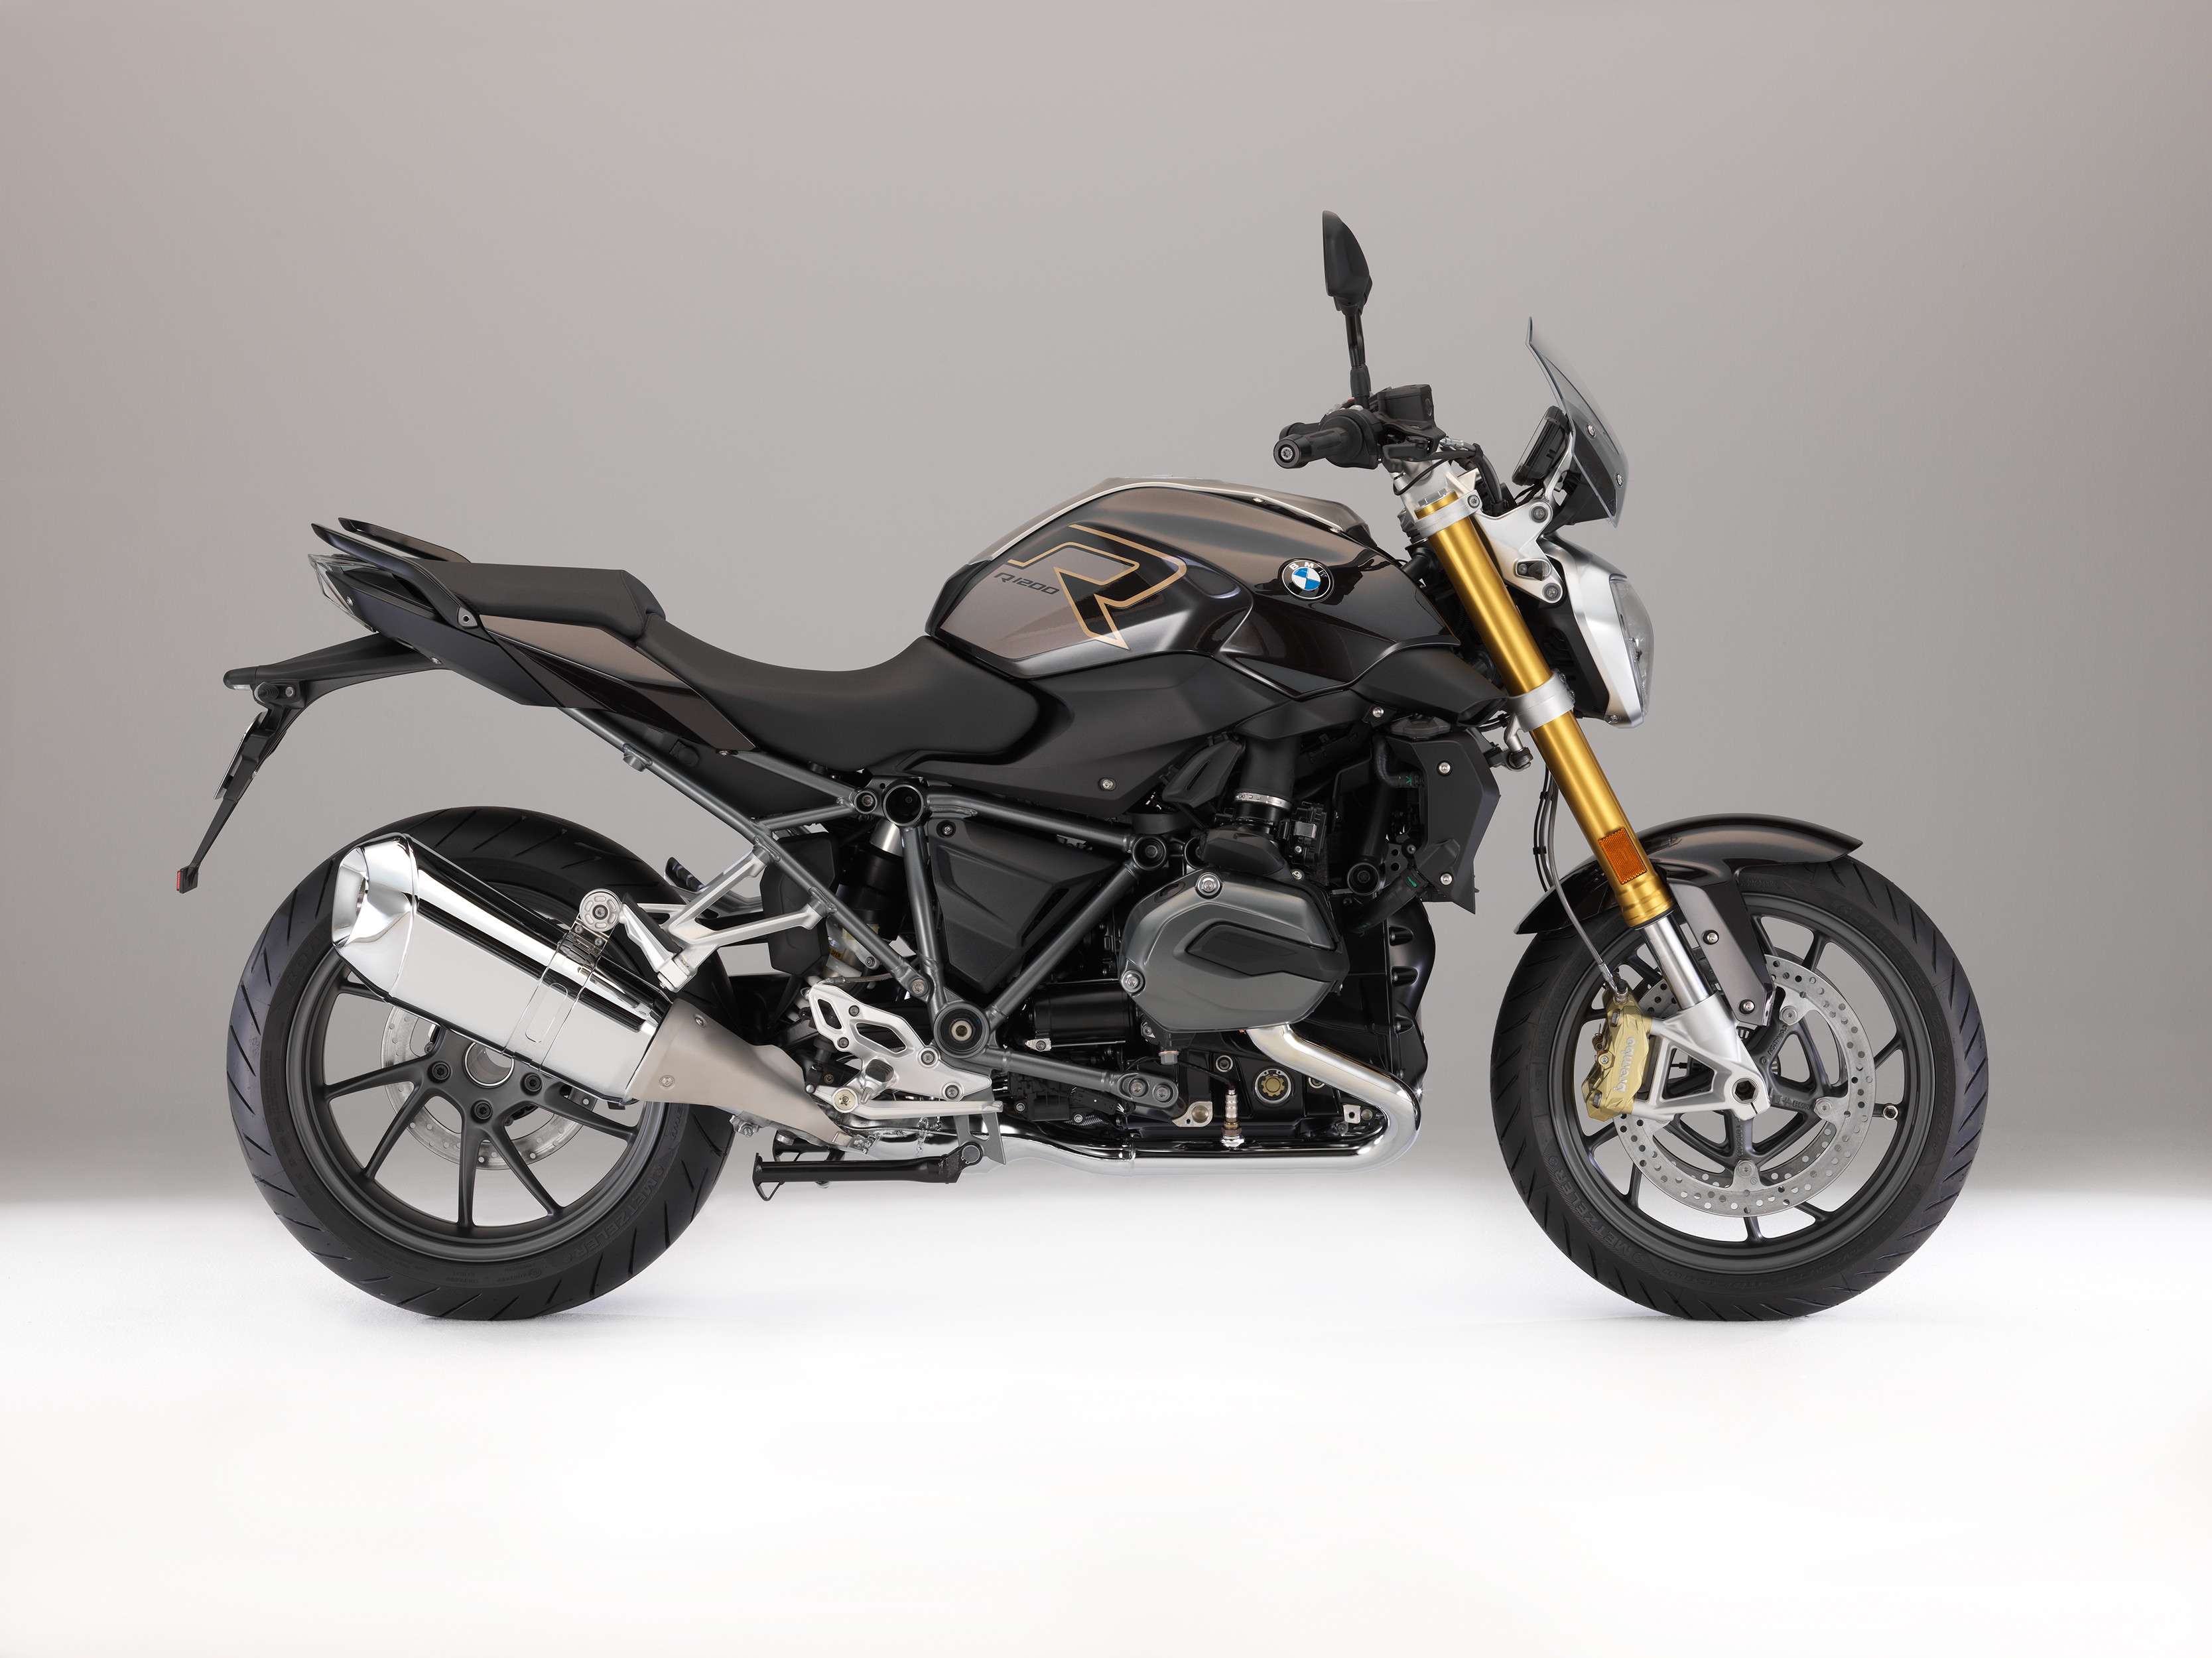 BMW R 1200 R - Test, Gebrauchte, Bilder, technische Daten